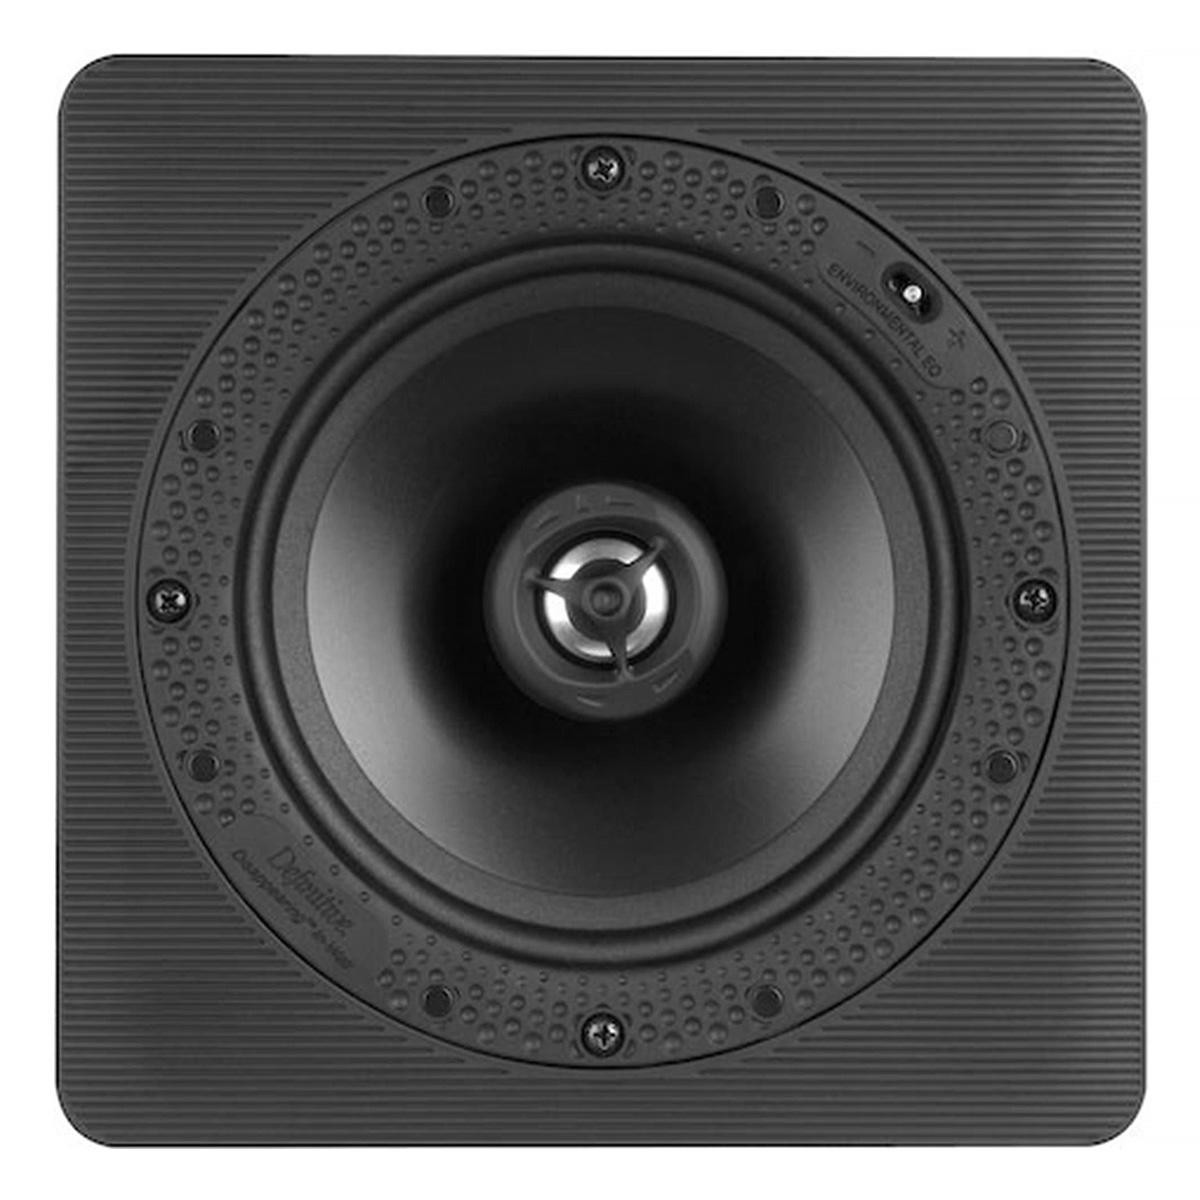 Beépíthető hangsugárzó DI 6.5S